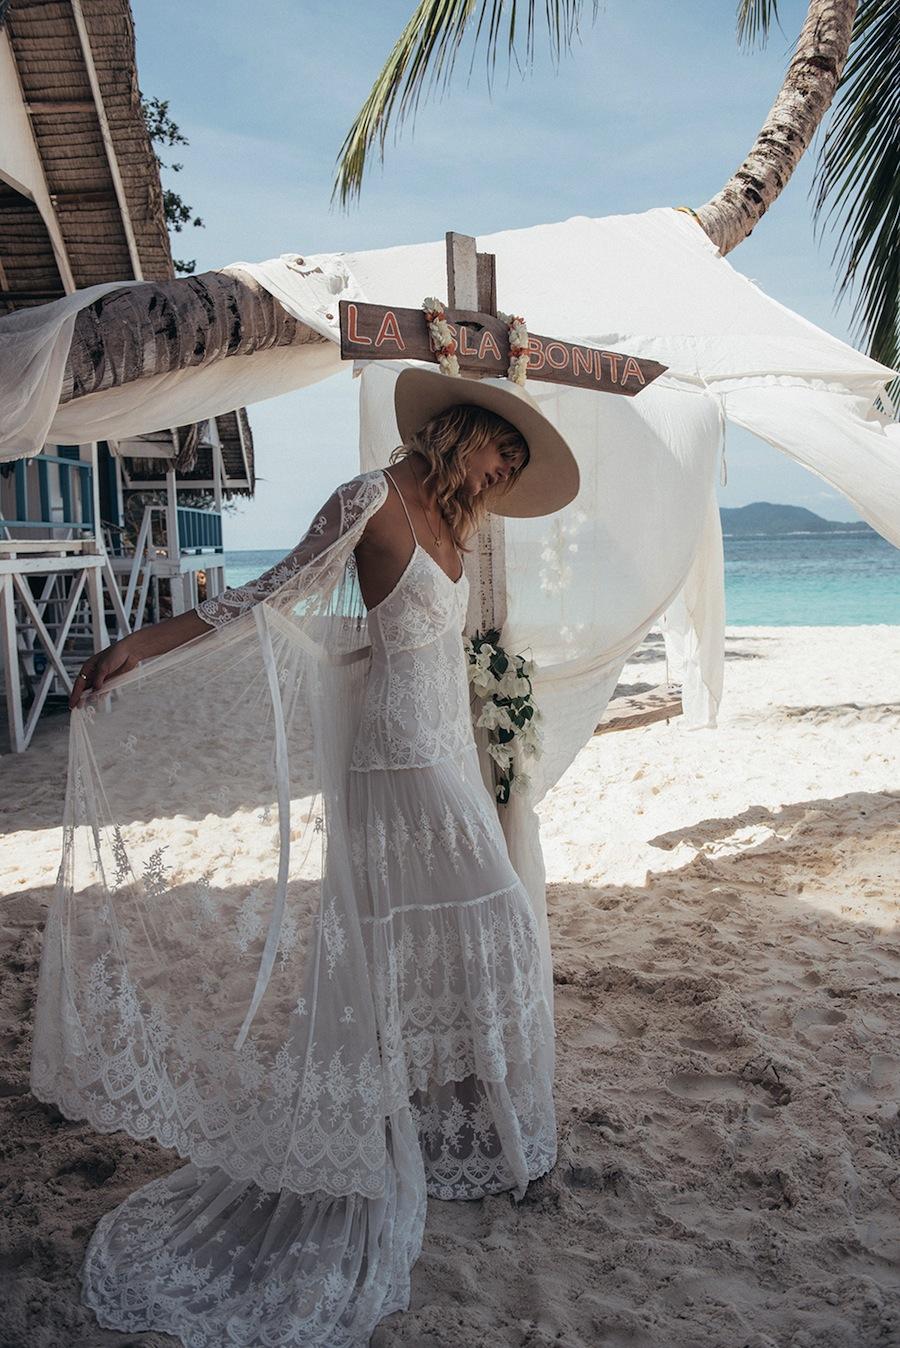 Spell Designs - Spell Bride